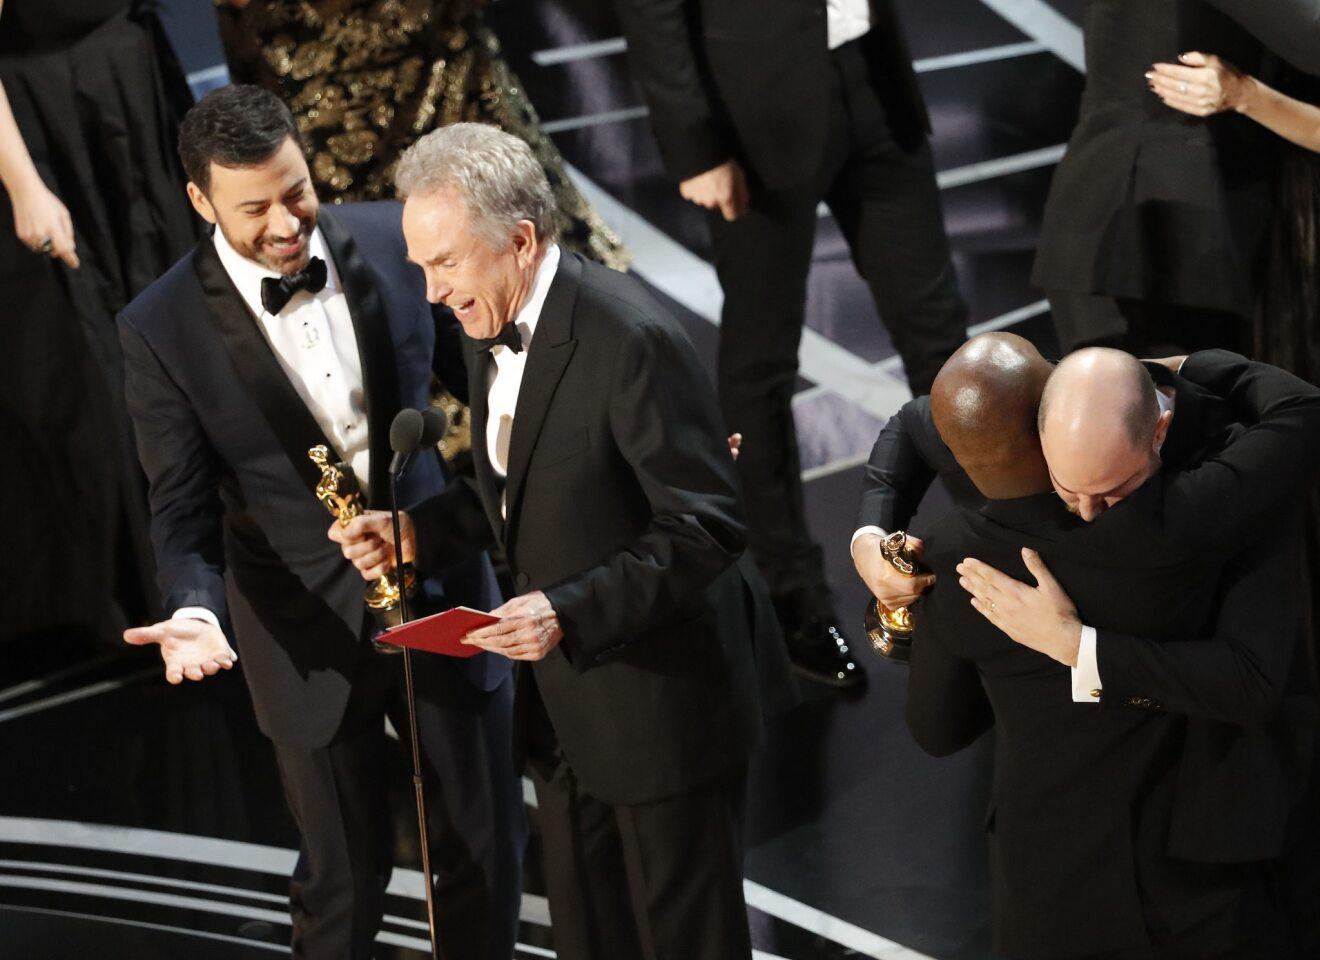 Academy Awards ceremony